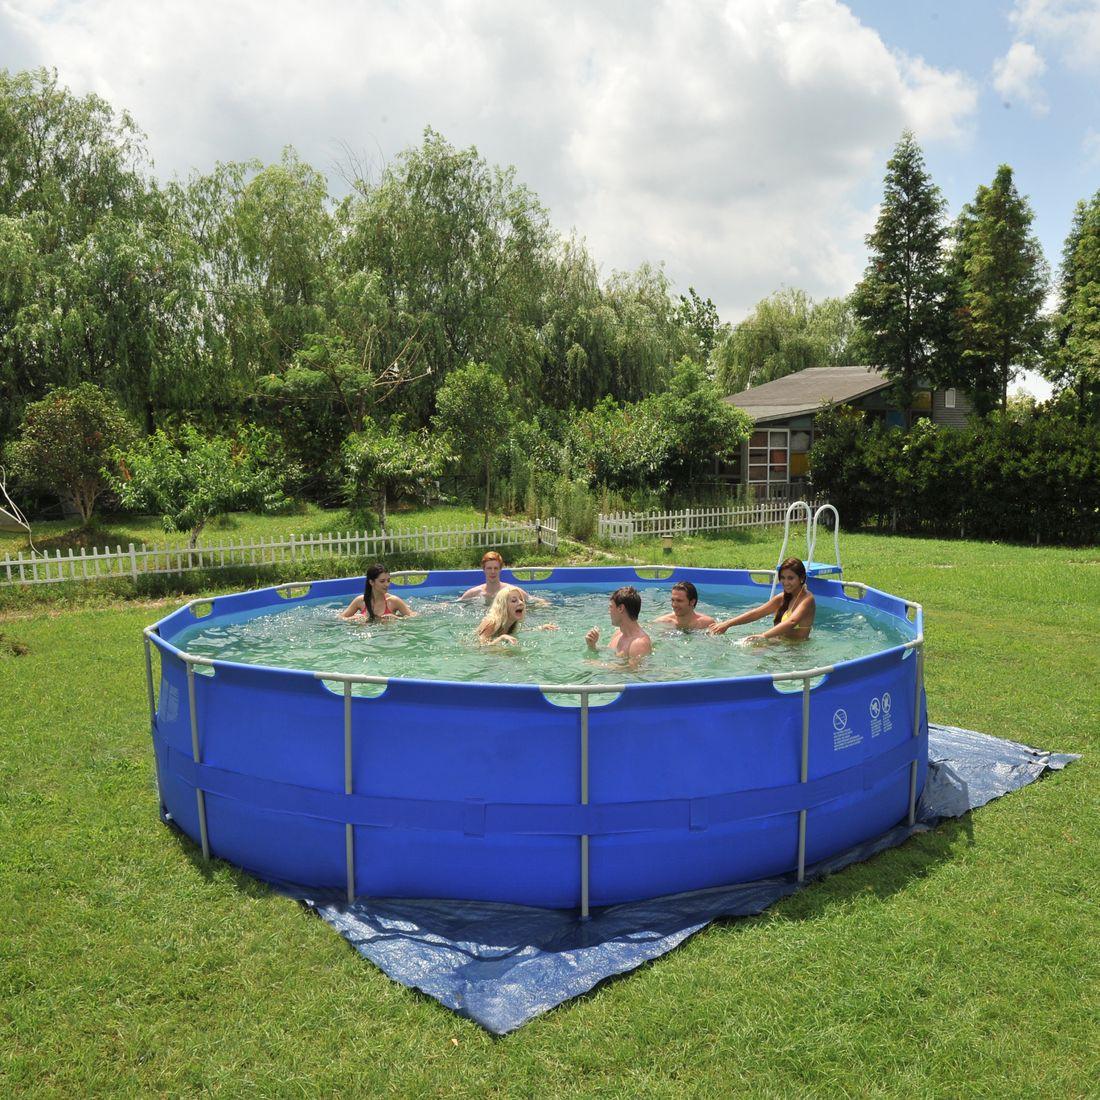 Achetez jilong sirocco blue 540 set piscine cadre en for Accessoire piscine jilong